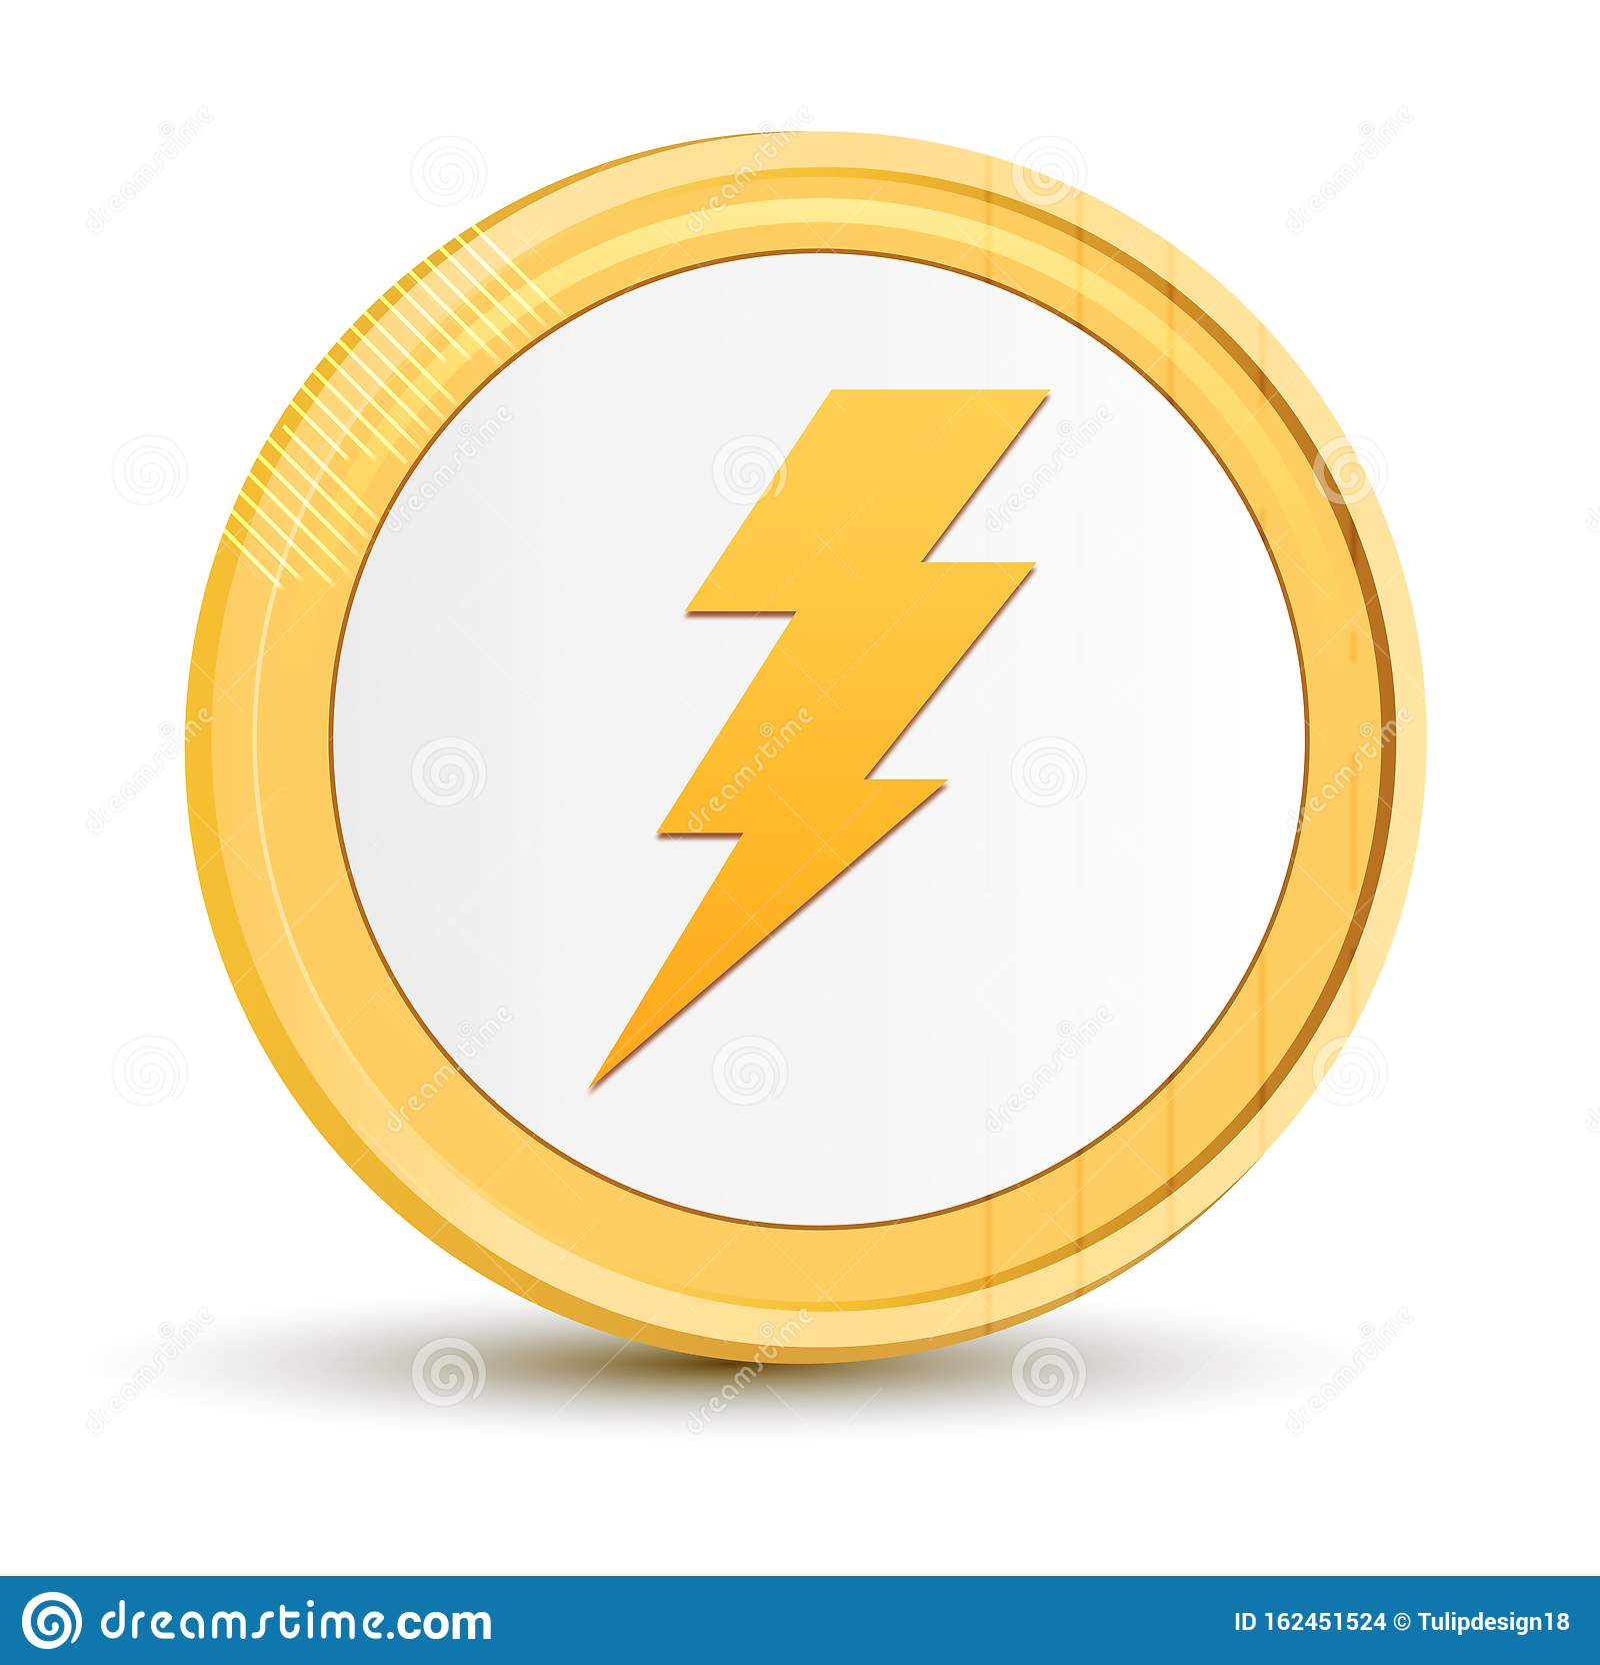 thunder coin ico